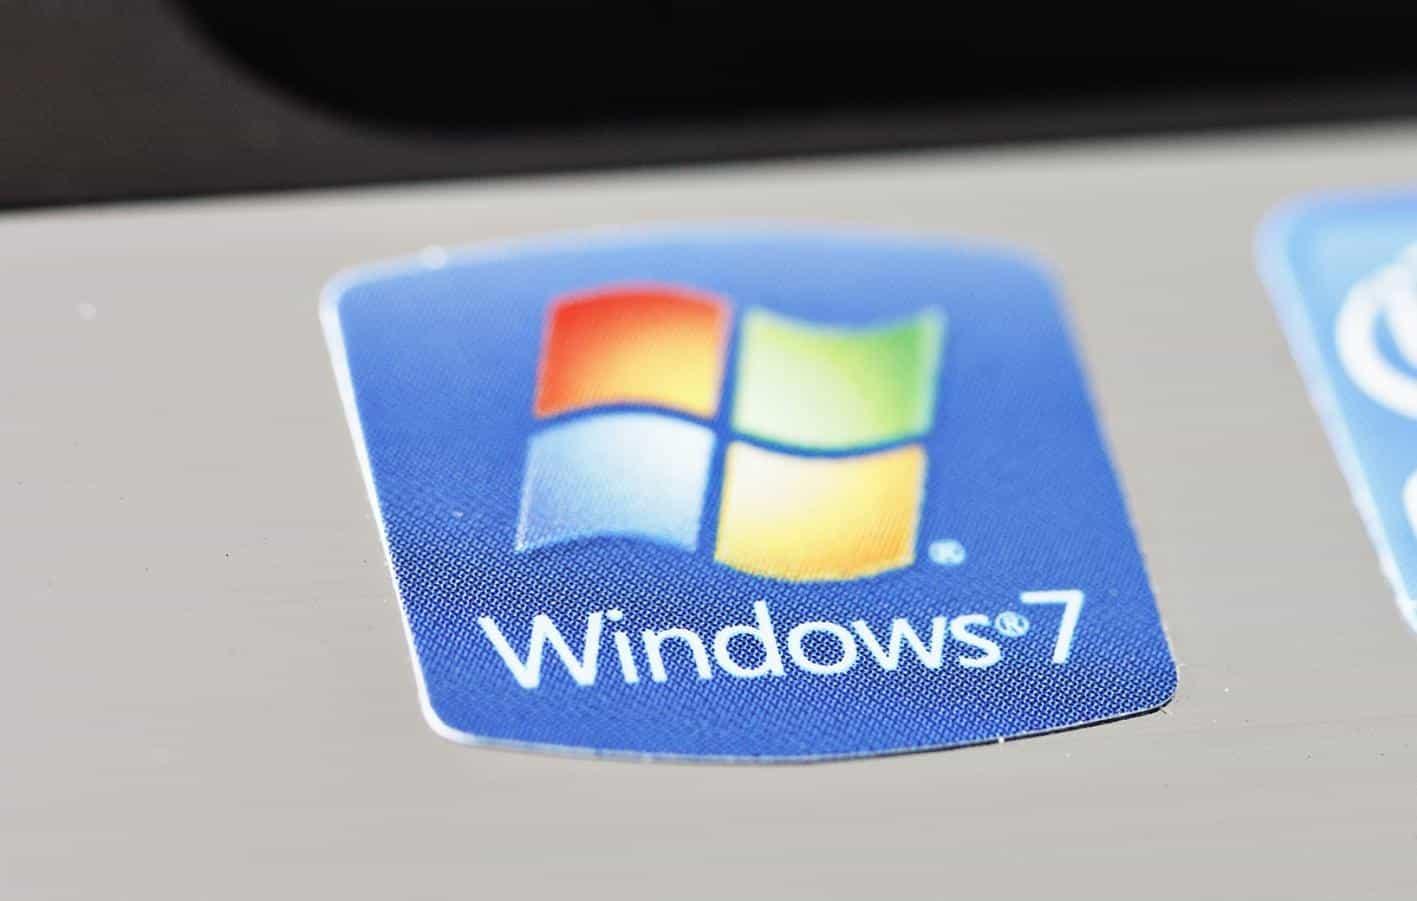 Falha crítica no Windows 7 recebe correção após Microsoft encerrar suporte - Olhar Digital